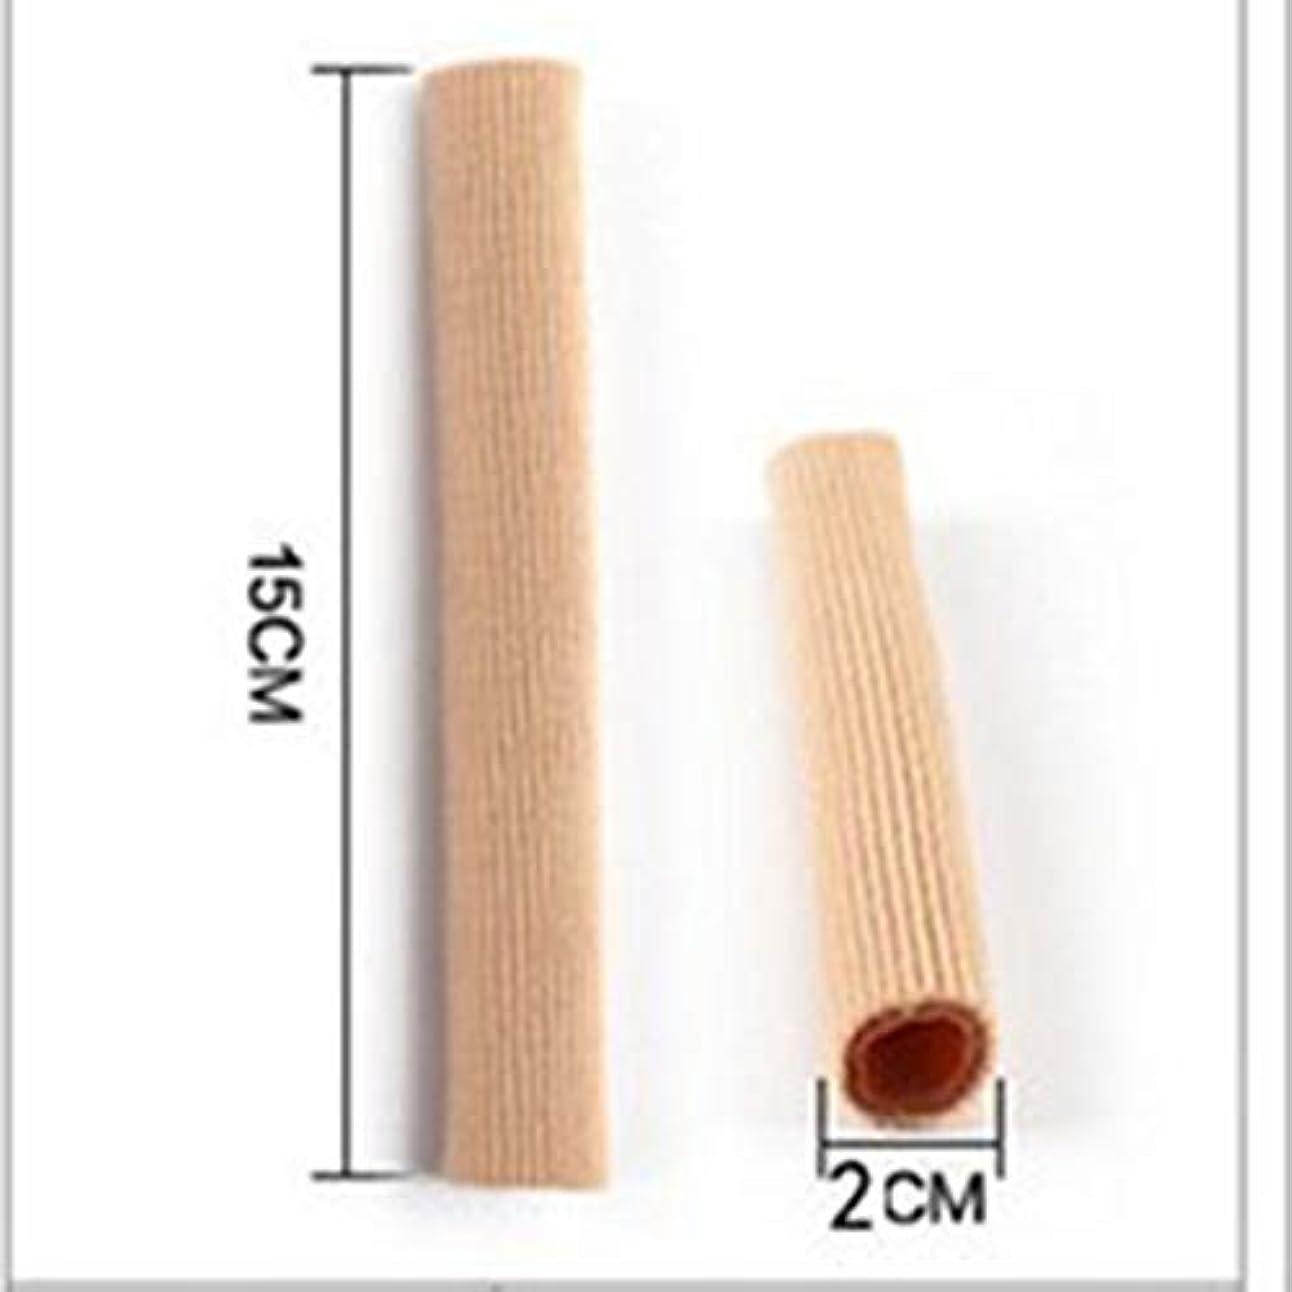 世紀テクスチャー底Open Toe Tubes Gel Lined Fabric Sleeve Protectors To Prevent Corns, Calluses And Blisters While Softening And...